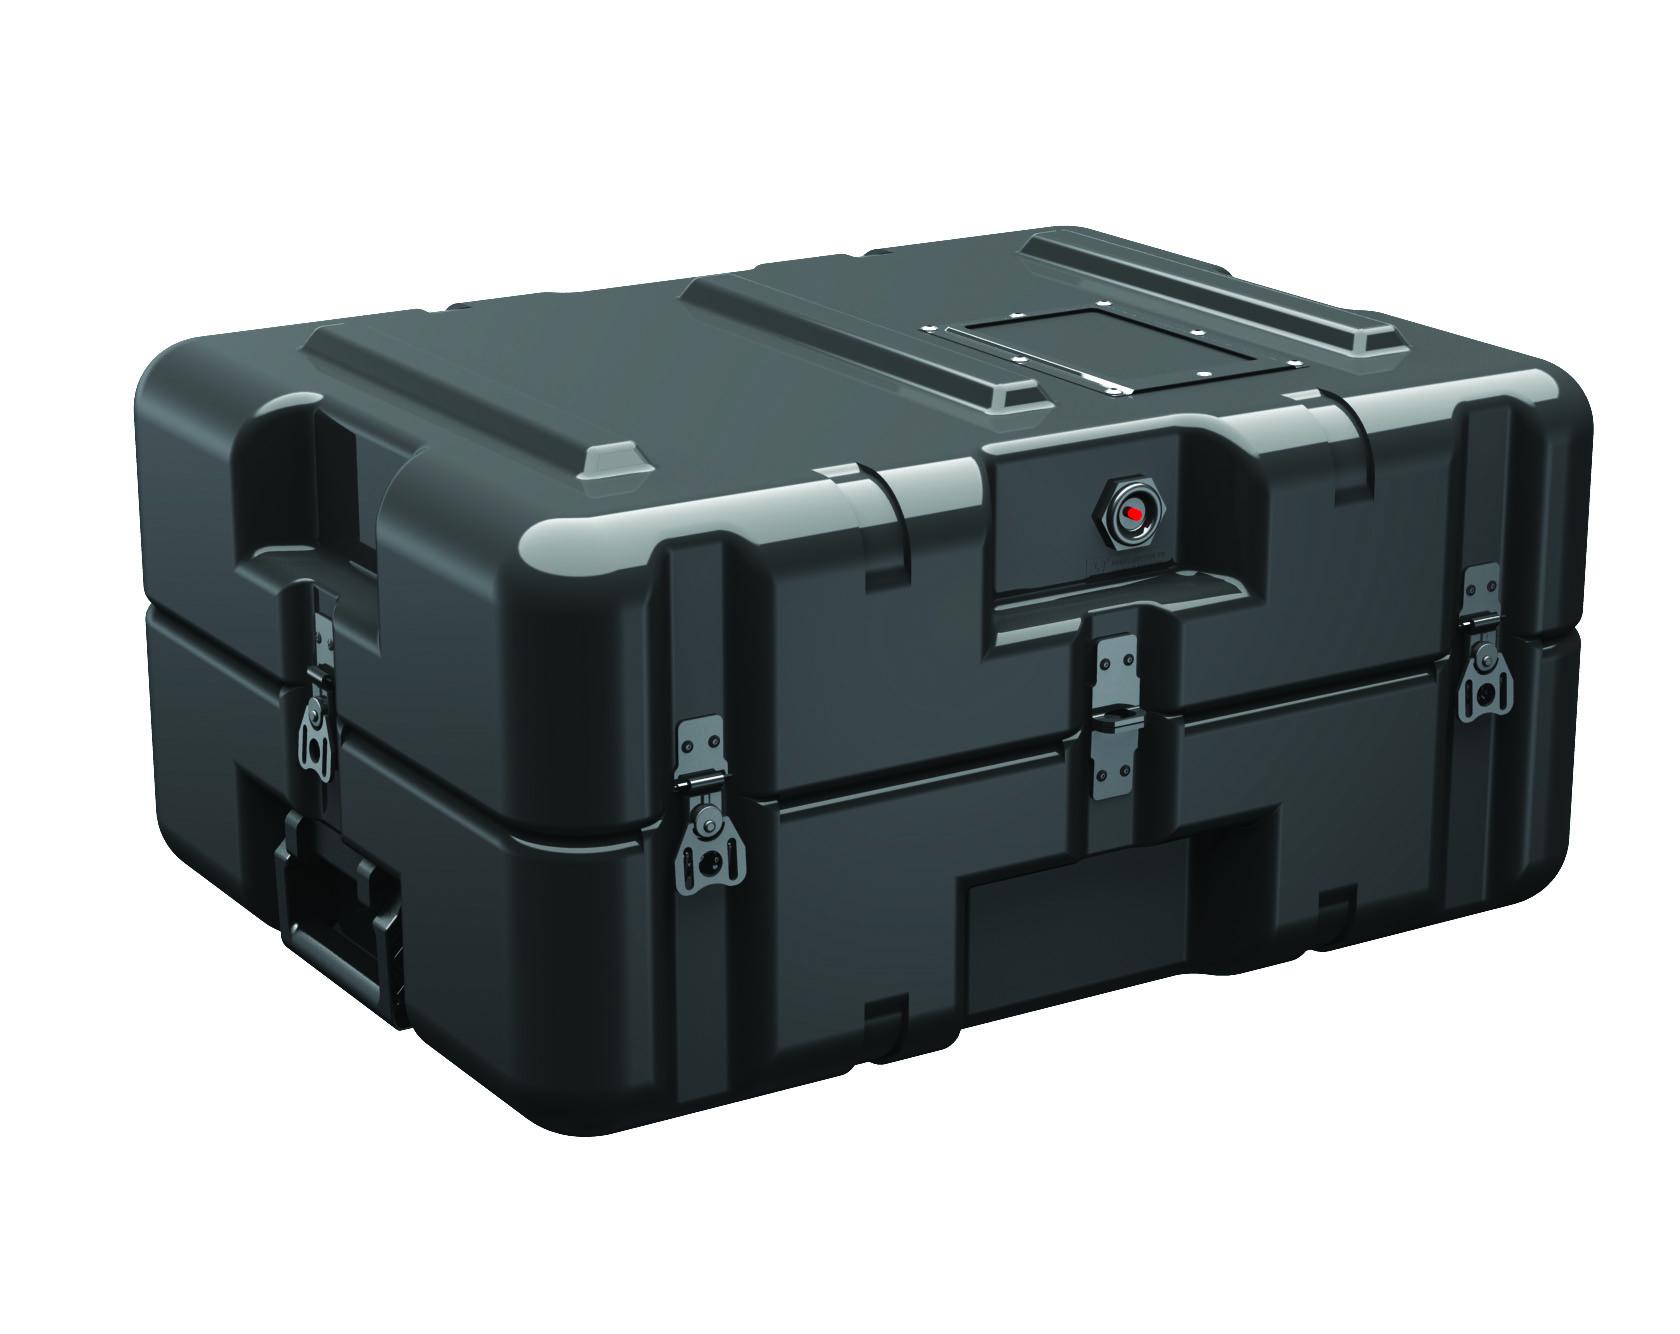 AL2216-0505 - Pelican Cases AL2216-0505 Protective Case